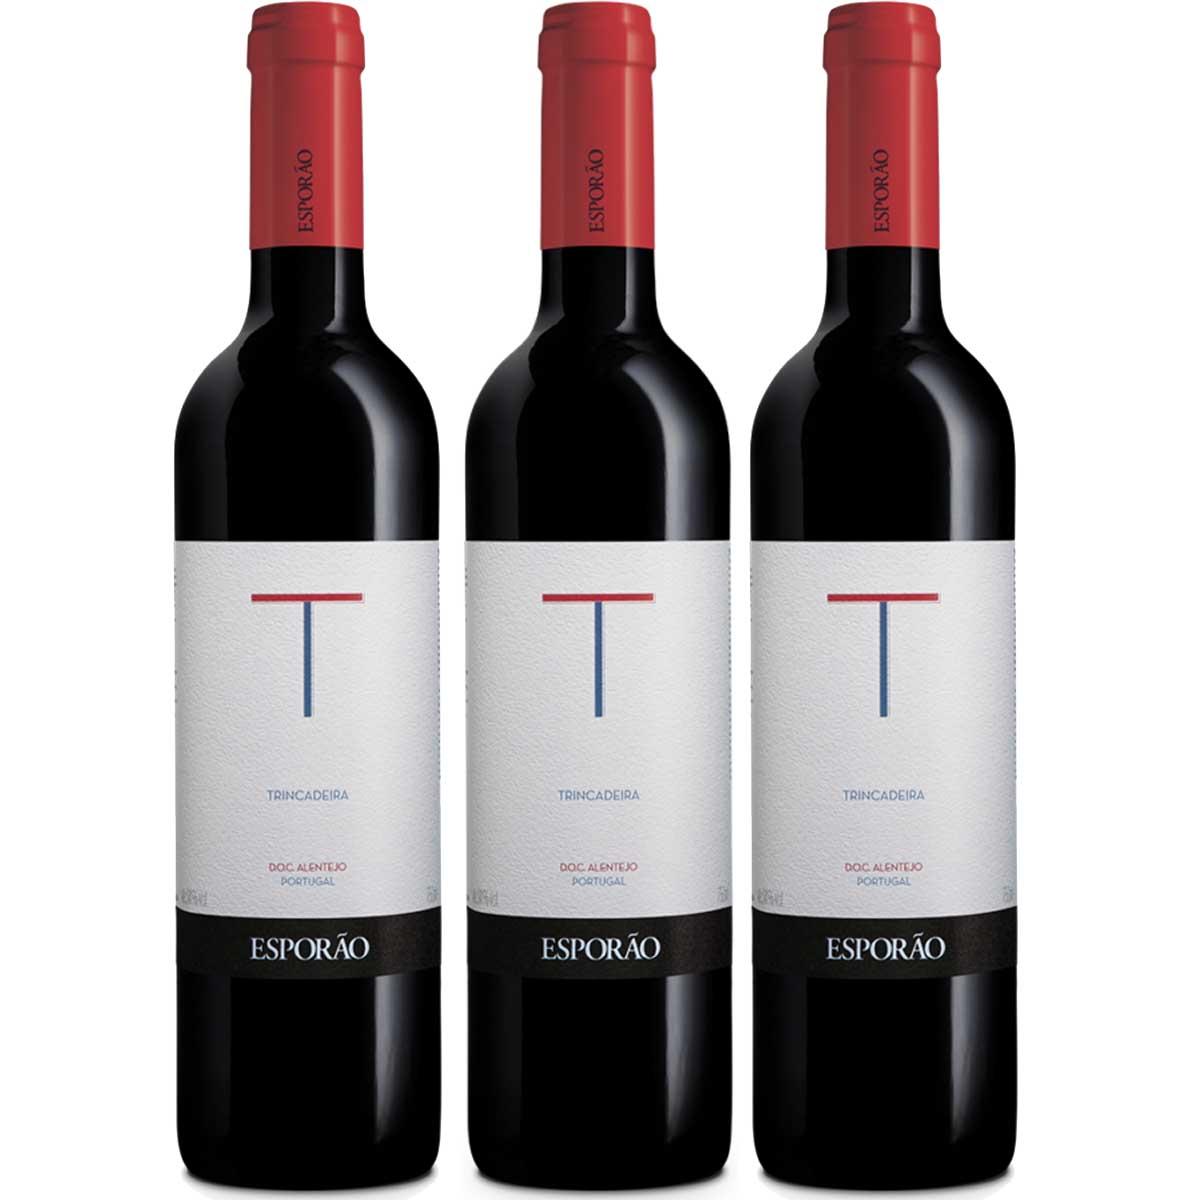 Kit 6 Vinhos Tinto Português Esporão Trincadeira 2018 750ml